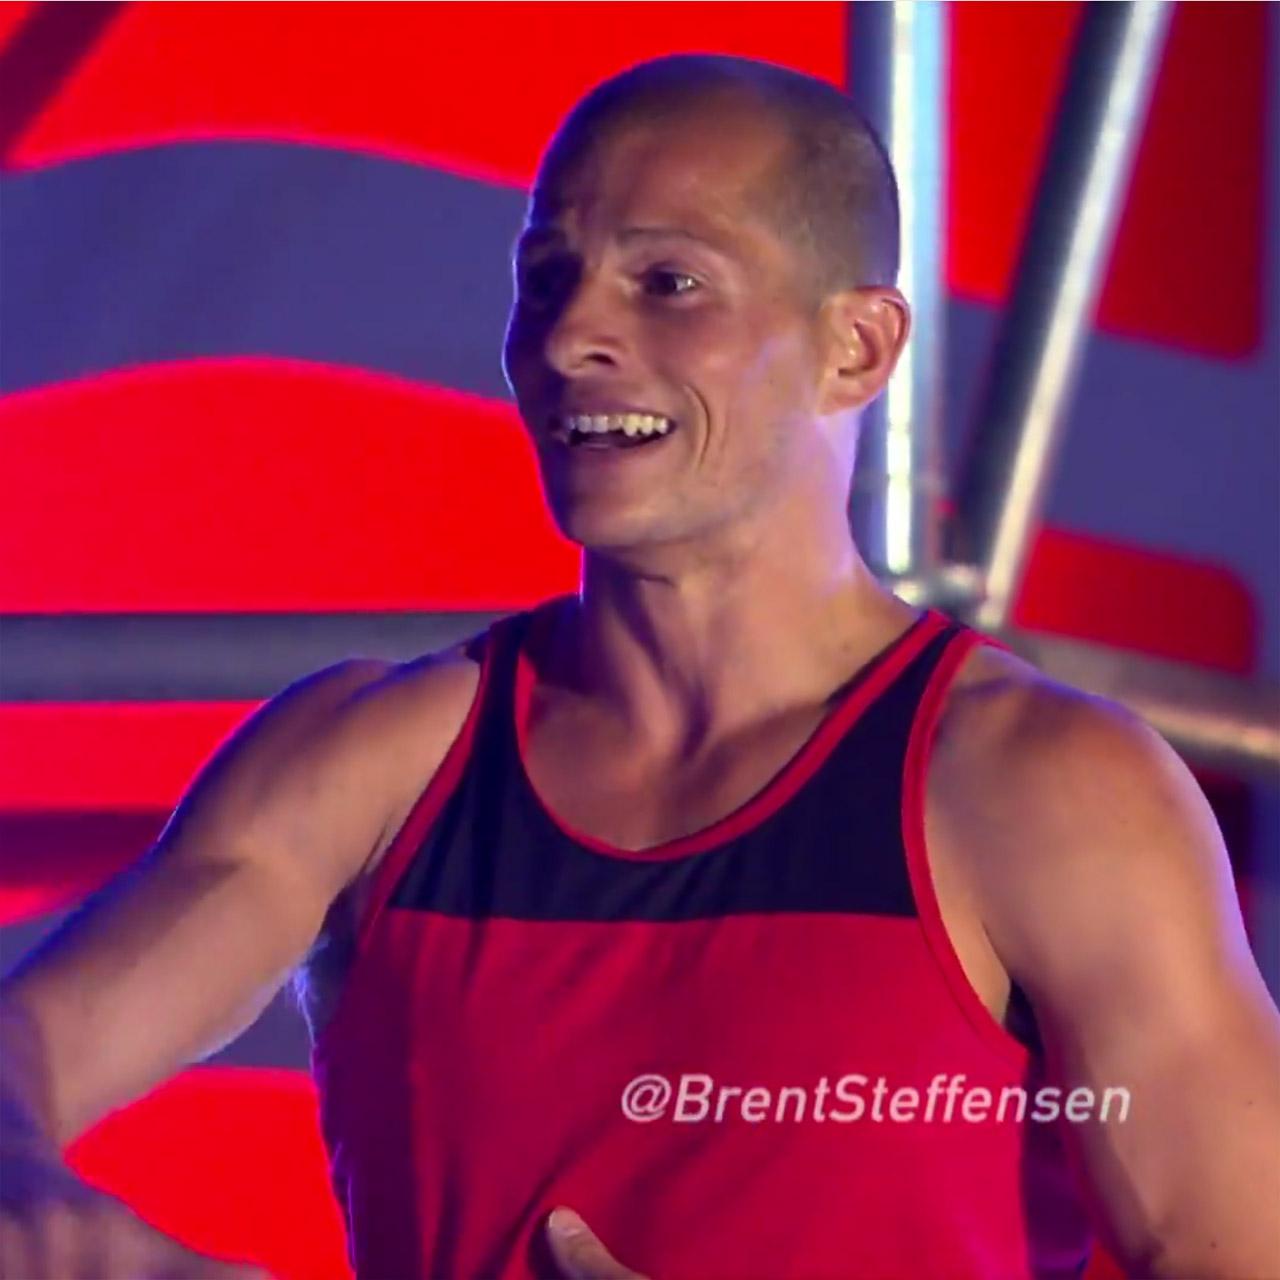 Brent Steffensen turns in fastest time on 'American Ninja Warrior' 2015 Vegas Finals Stage 1